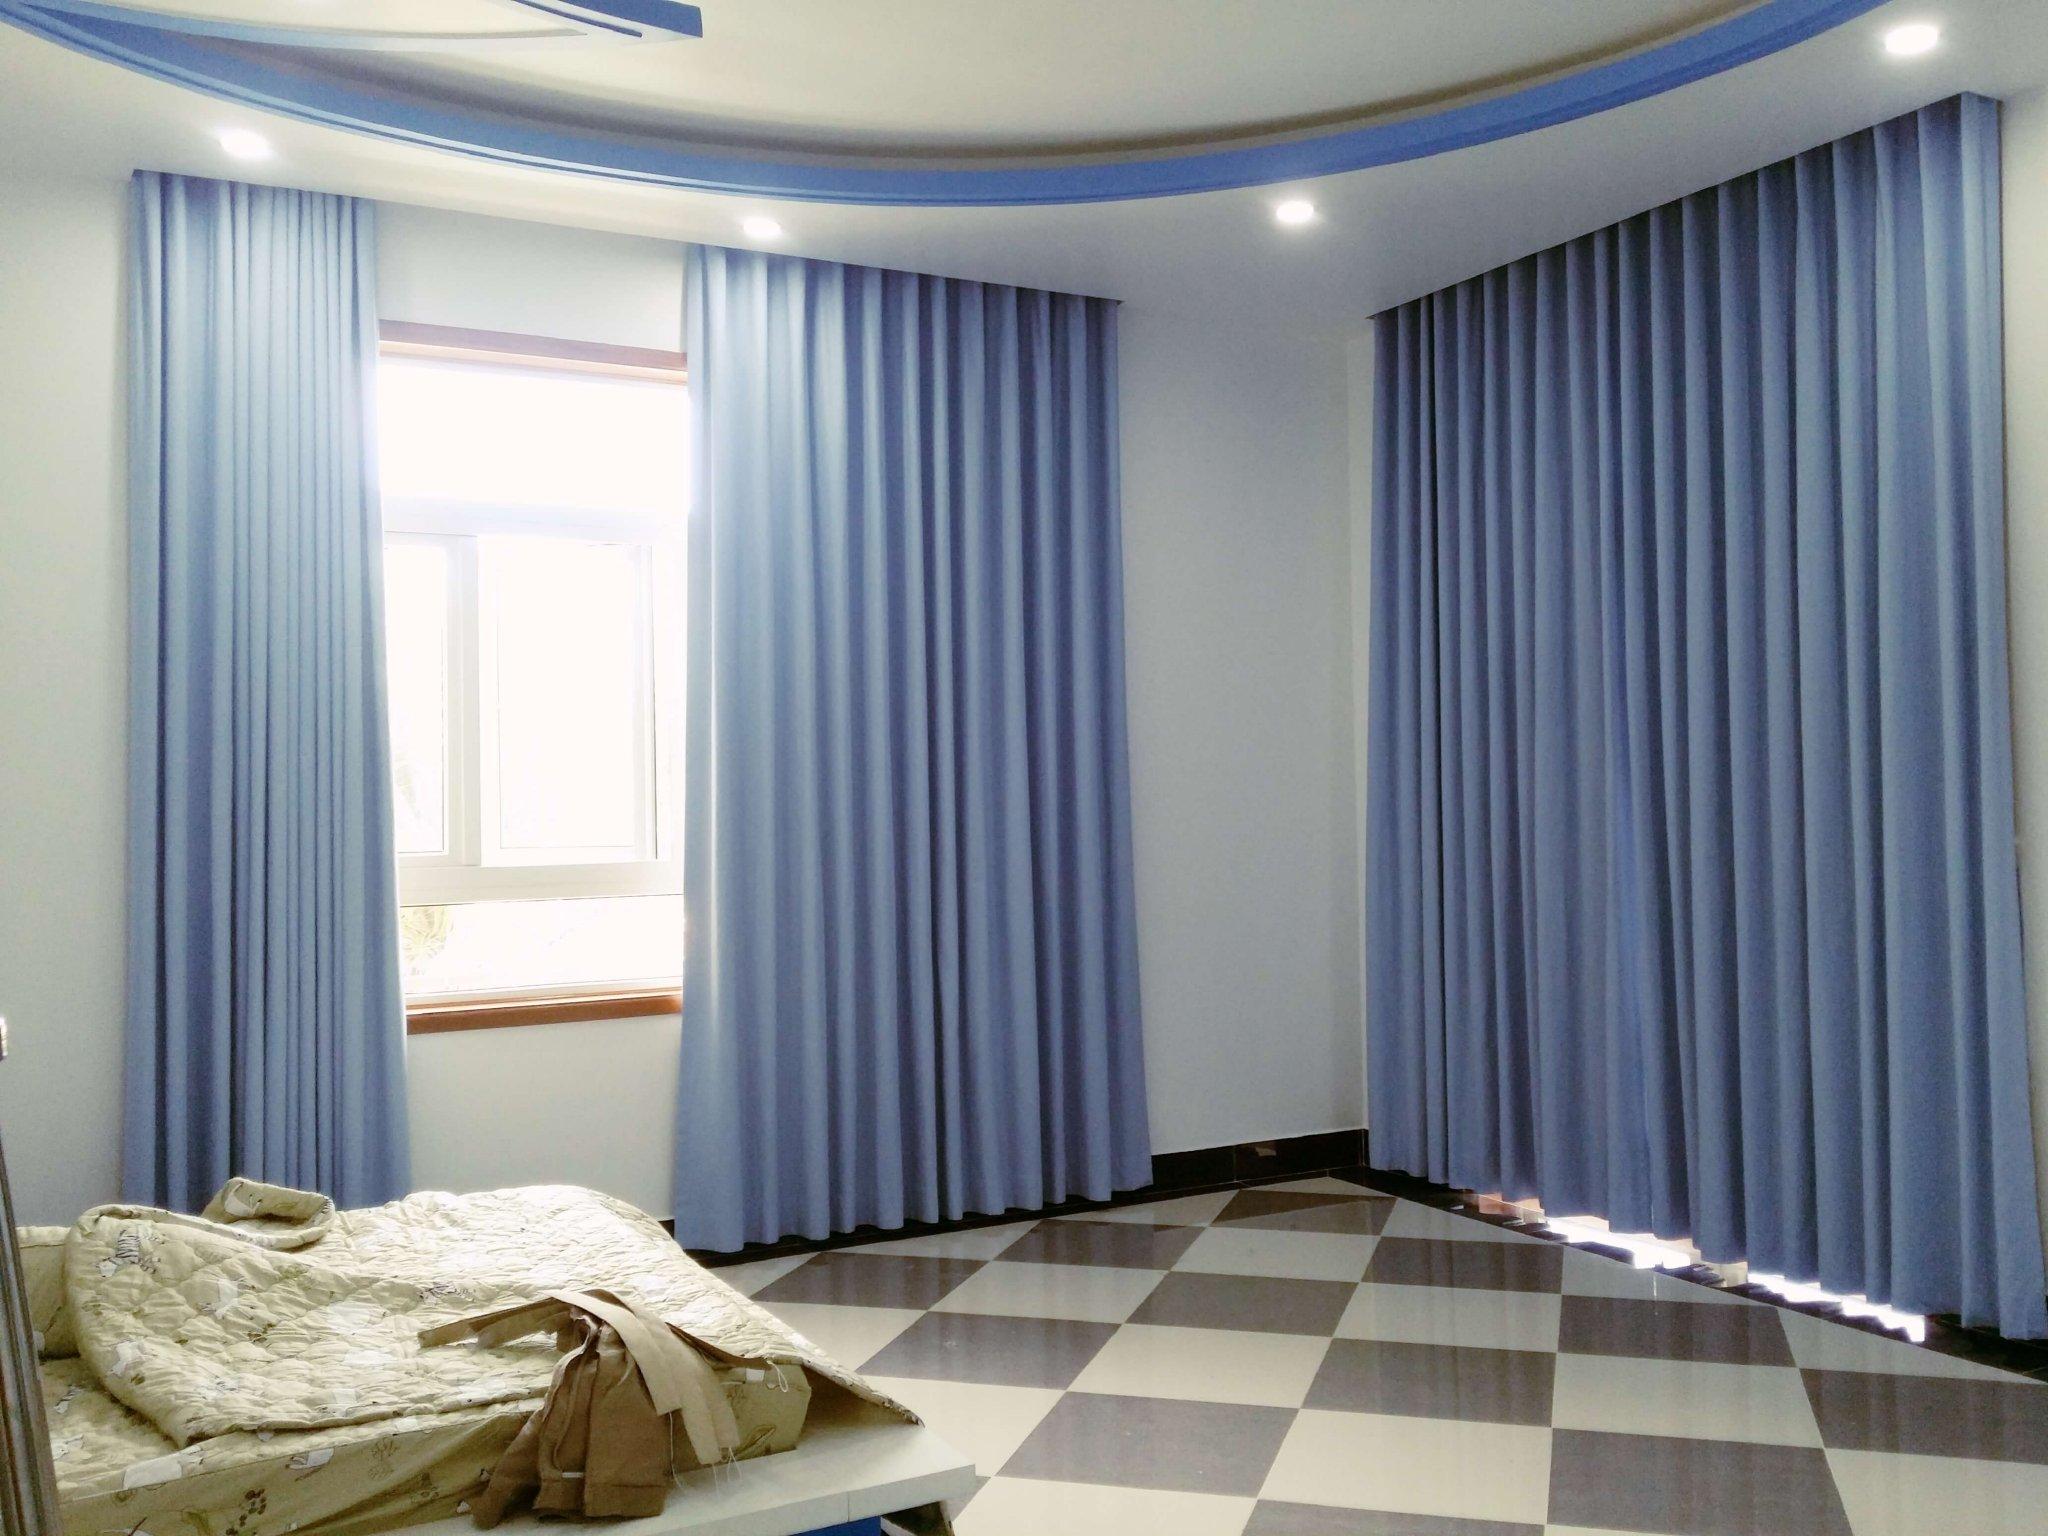 Mẫu rèm vải Bỉ nhập khẩu cao cấp RB – 26  làm từ vải Acica được nhuộm màu xanh chống nắng cực tốt cho phòng ngủ